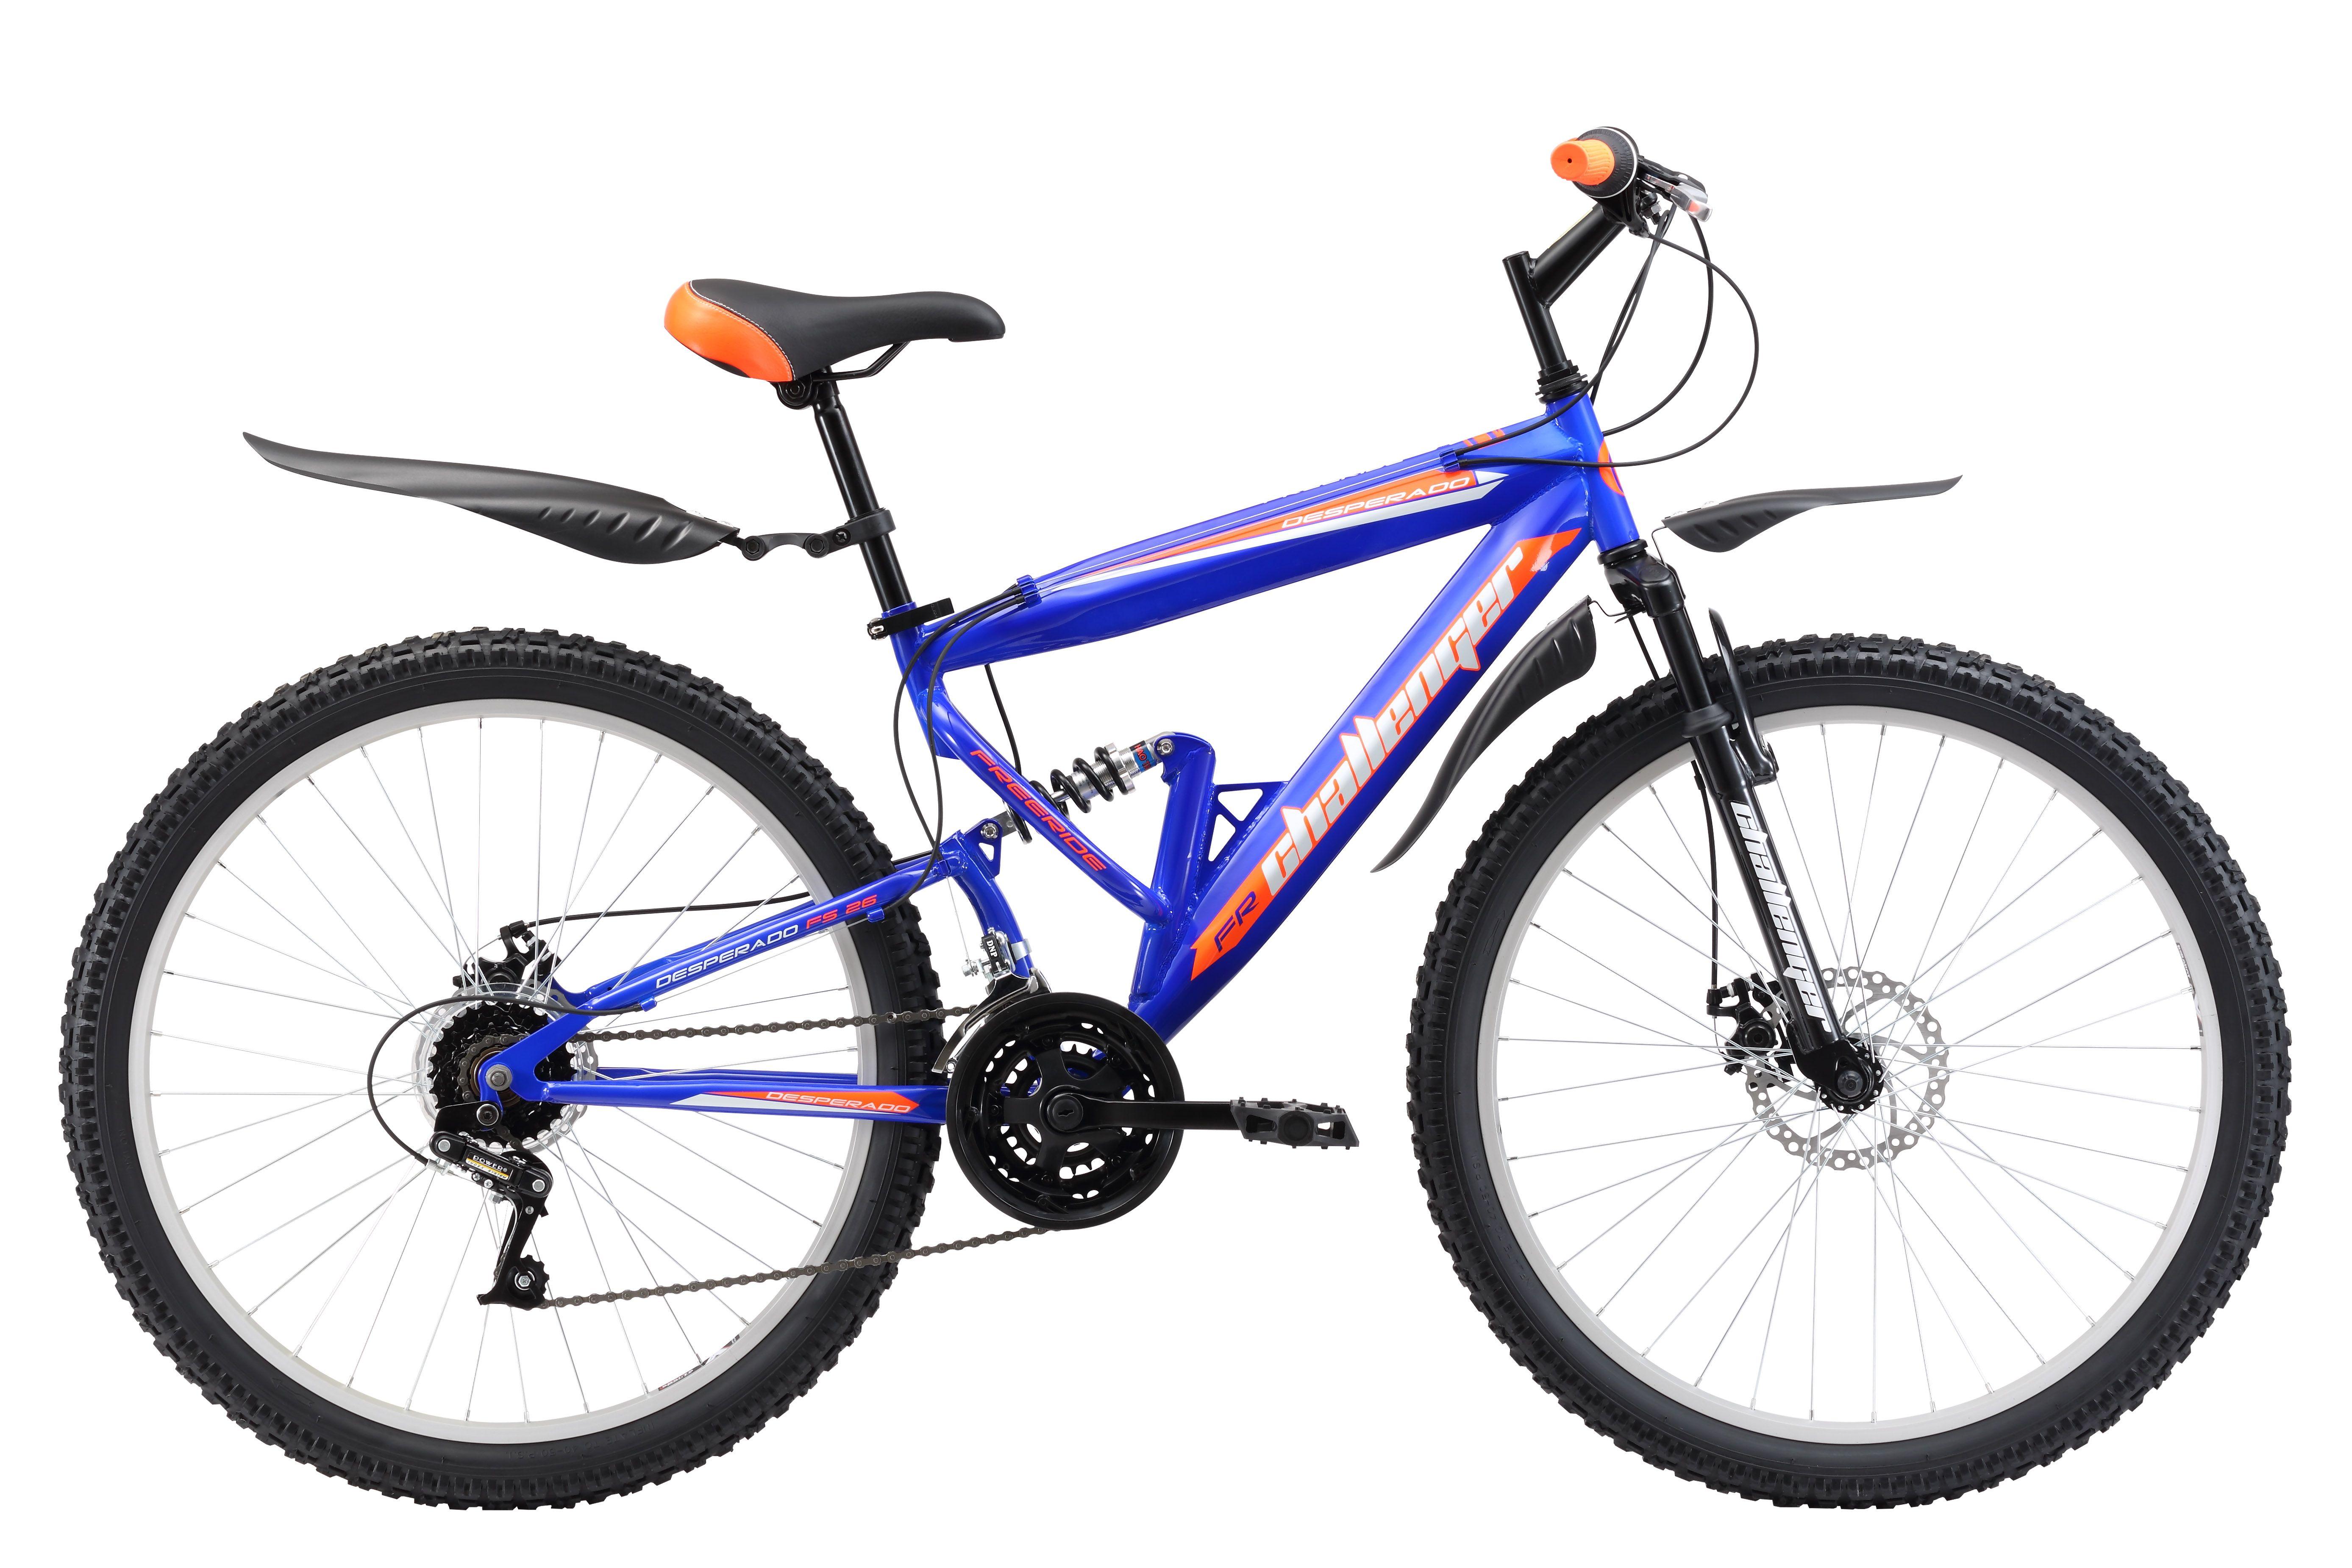 Велосипед Challenger Desperado FS 26 D (2017) сине-оранжевый 18КОЛЕСА 26 (СТАНДАРТ)<br>Горный двухподвес Challenger Desperado FS 26 D предназначен для прогулочного катания по различным типам дорог. Передняя и задняя подвеска гасят неровности дороги и делают велопрогулки максимально комфортными. Велосипед собран на крепкой стальной раме. Колёса, диаметром 26 дюймов, имеют усиленные алюминиевые обода, которые хорошо выдерживают ударные нагрузки и устойчивы к деформации. Трансмиссия велосипеда имеет 18 скоростей. Механический дисковый тормоз эффективен на любом дорожном покрытии. Двухподвес Challenger Desperado FS 26 D оборудован надёжными пластиковыми крыльями и подножкой.<br><br>бренд: CHALLENGER<br>год: 2017<br>рама: Сталь (Hi-Ten)<br>вилка: Амортизационная (пружина)<br>блокировка амортизатора: Нет<br>диаметр колес: 26<br>тормоза: Дисковые механические<br>уровень оборудования: Начальный<br>количество скоростей: 18<br>Цвет: сине-оранжевый<br>Размер: 18